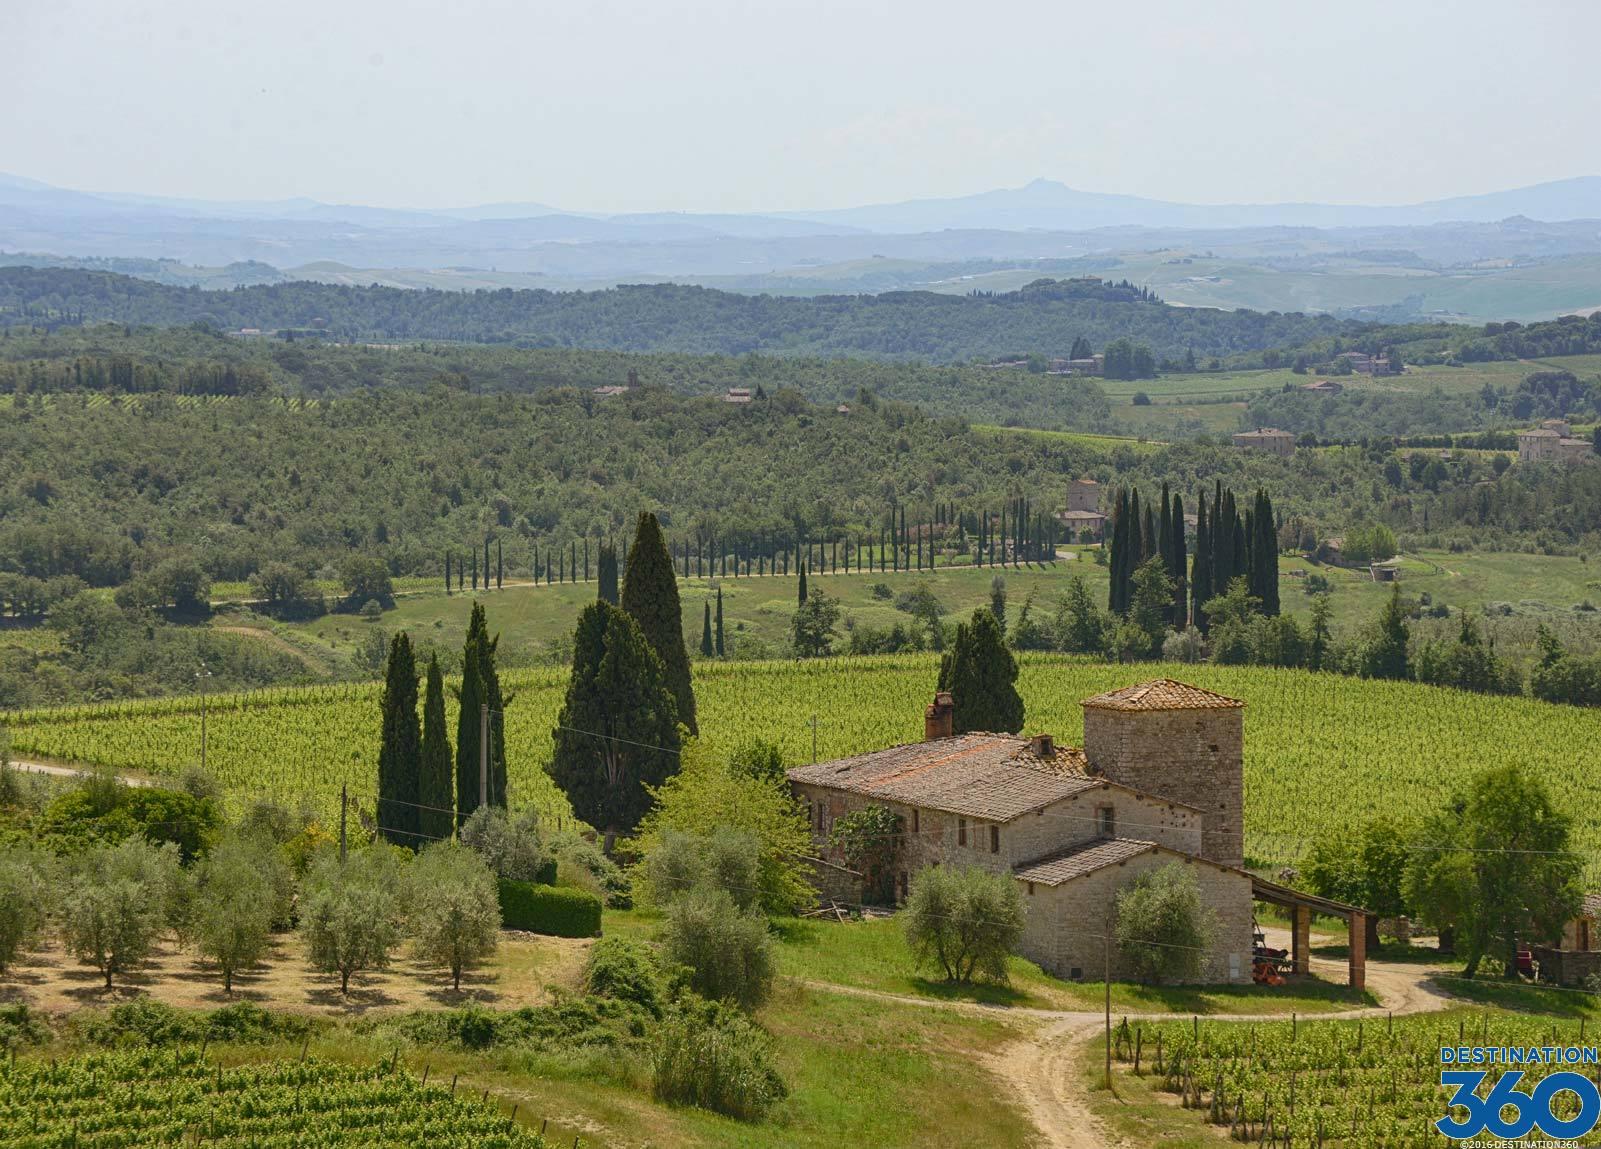 tuscany villas - tuscany villa rental